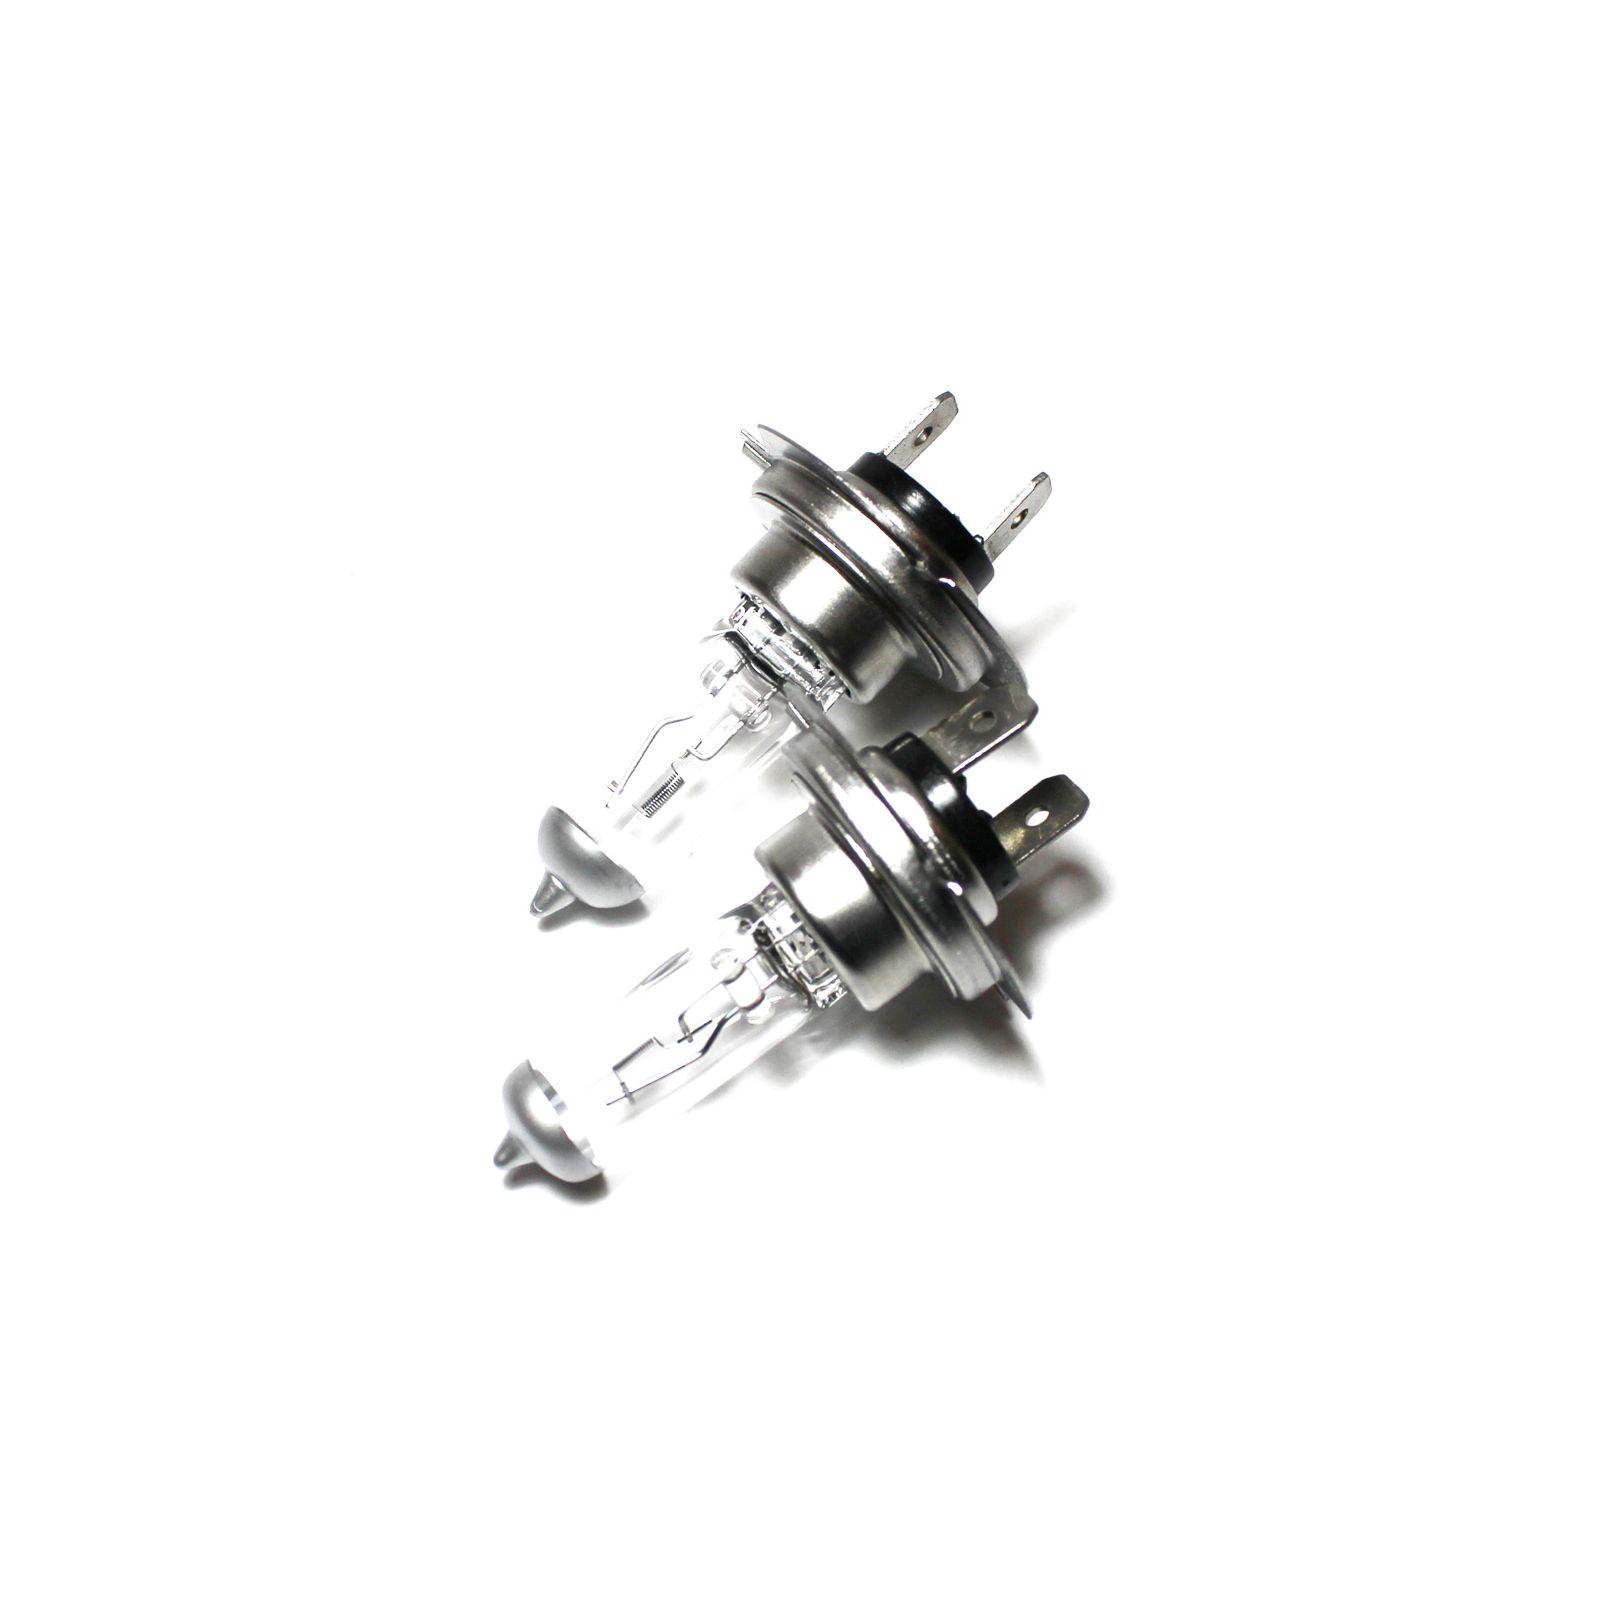 H7 100w Clear Halogen Xenon Hid High Main Full Beam